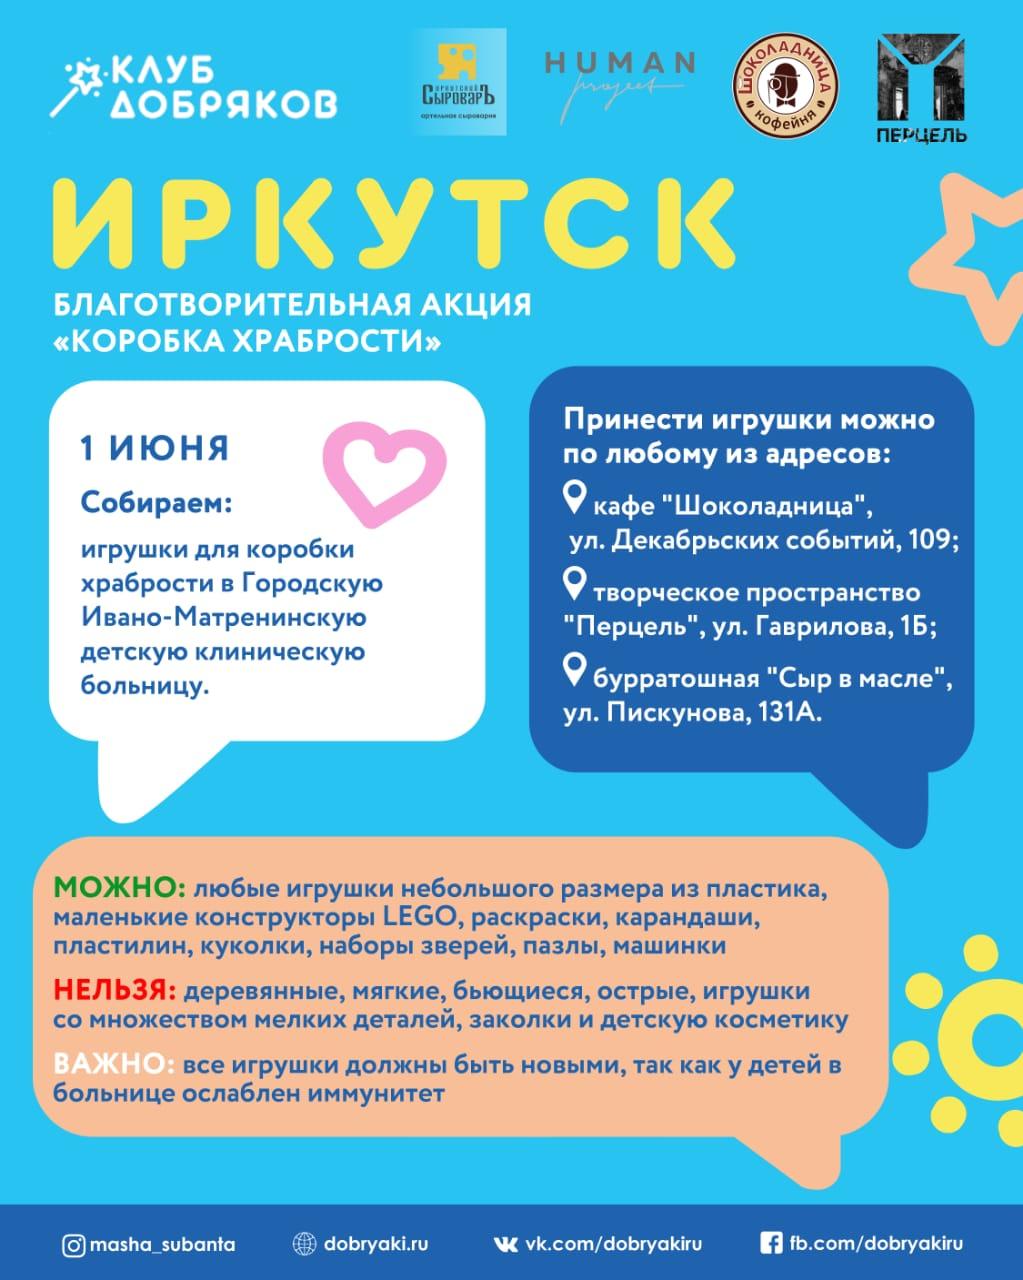 Акция «Коробка храбрости» в Иркутске ко Дню защиты детей